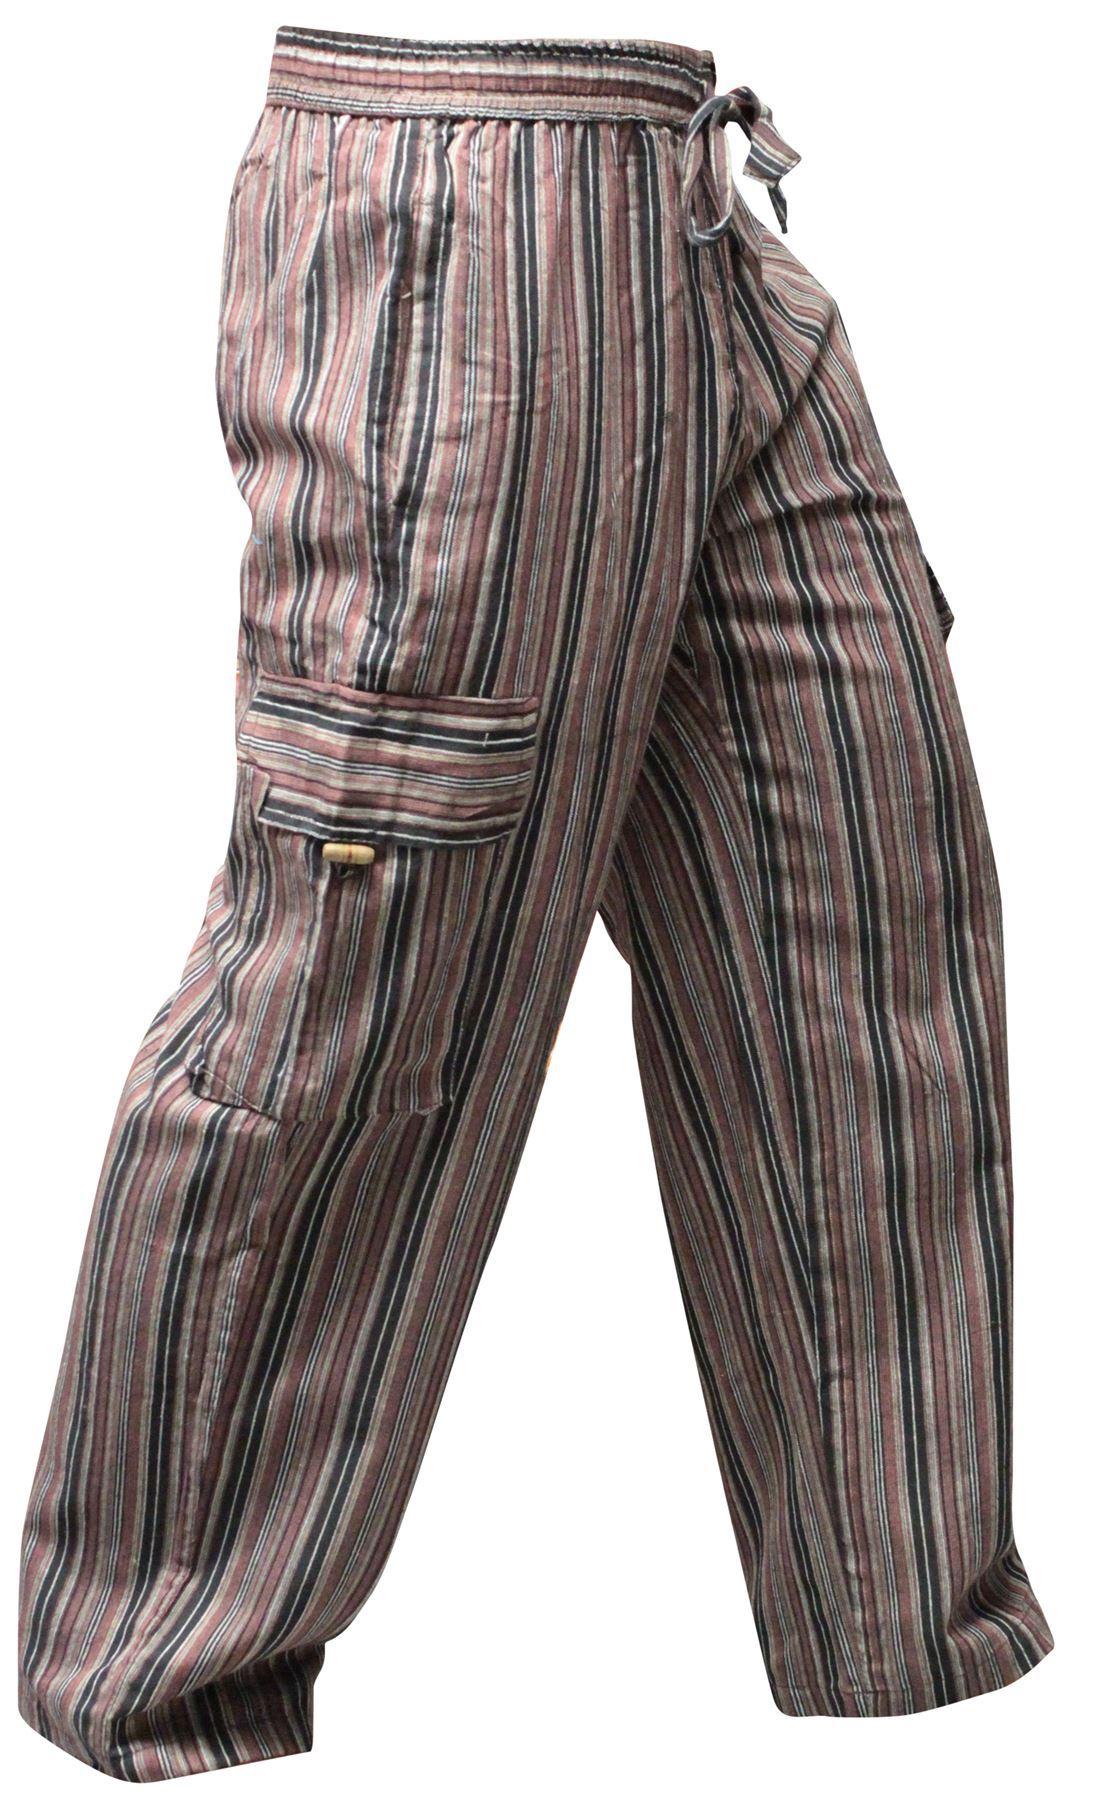 Vintage Stripe Corduroy Pants. Hippie Boho by MISSVINTAGE5000 |Hippie Striped Pants